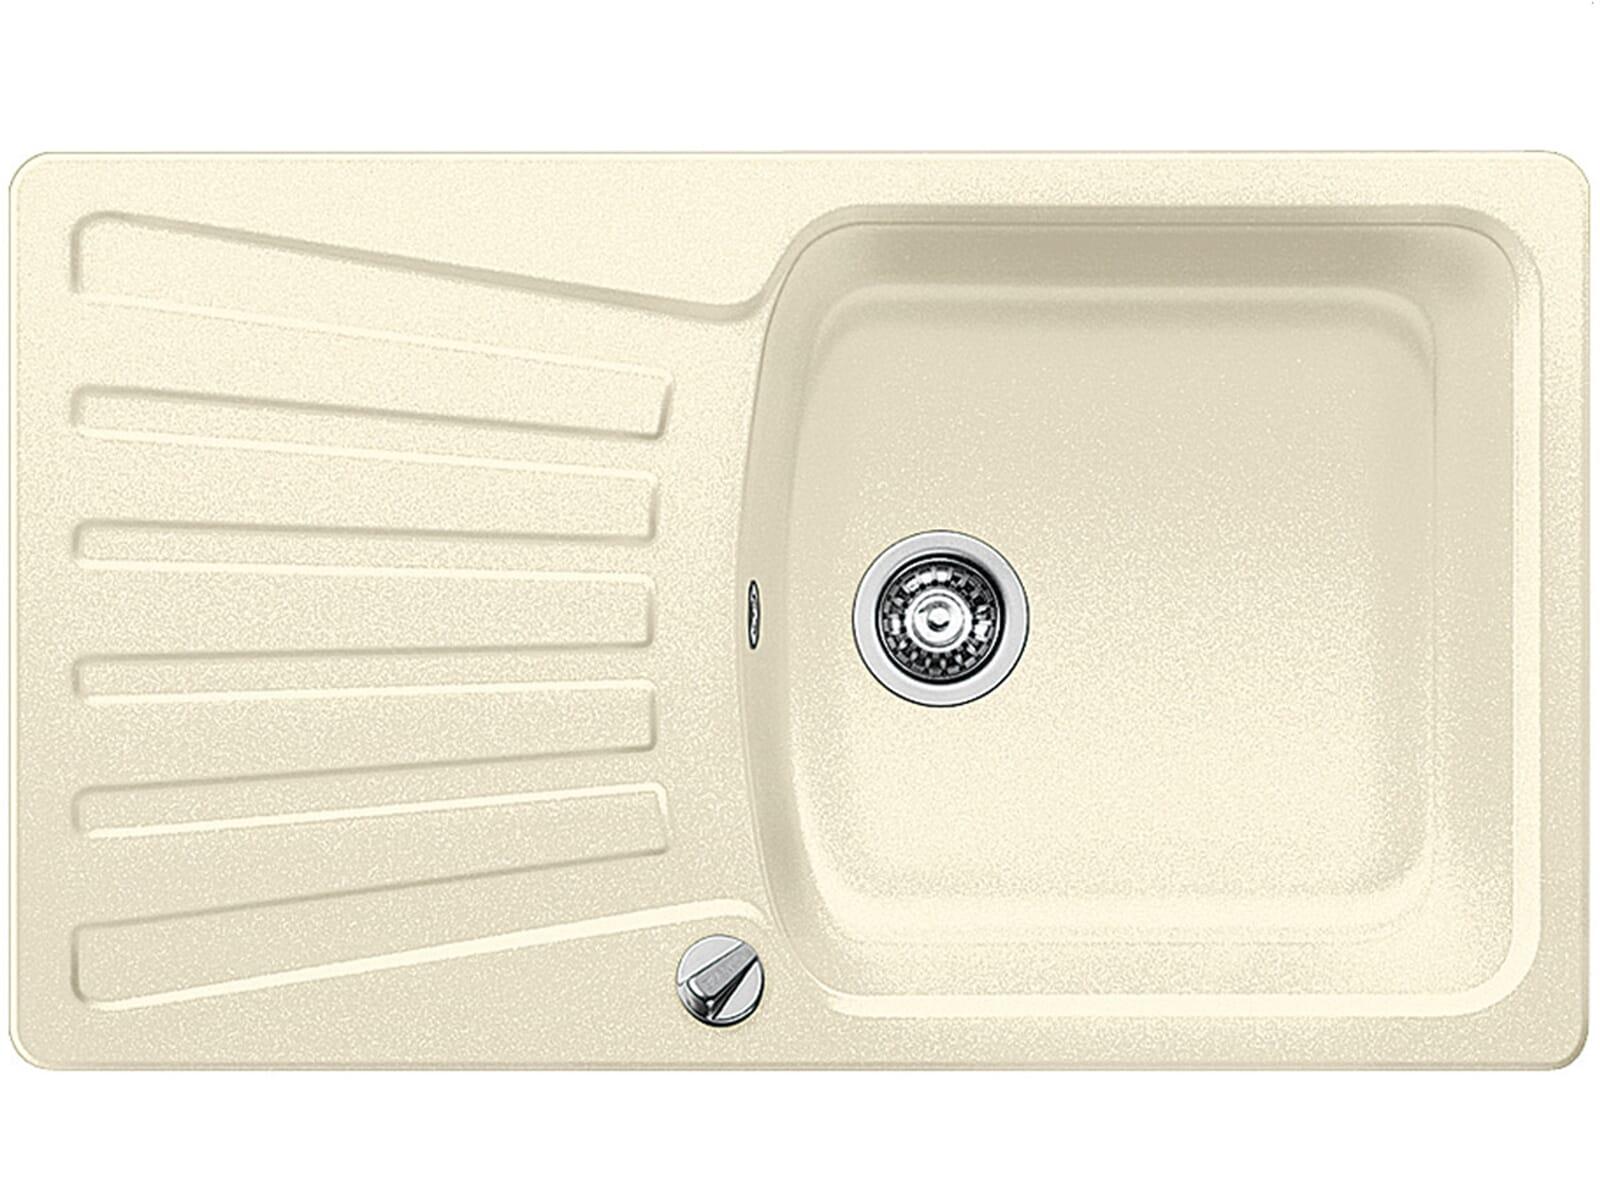 blanco nova 5 s jasmin granit sp le beige einbau auflage 50er us ebay. Black Bedroom Furniture Sets. Home Design Ideas